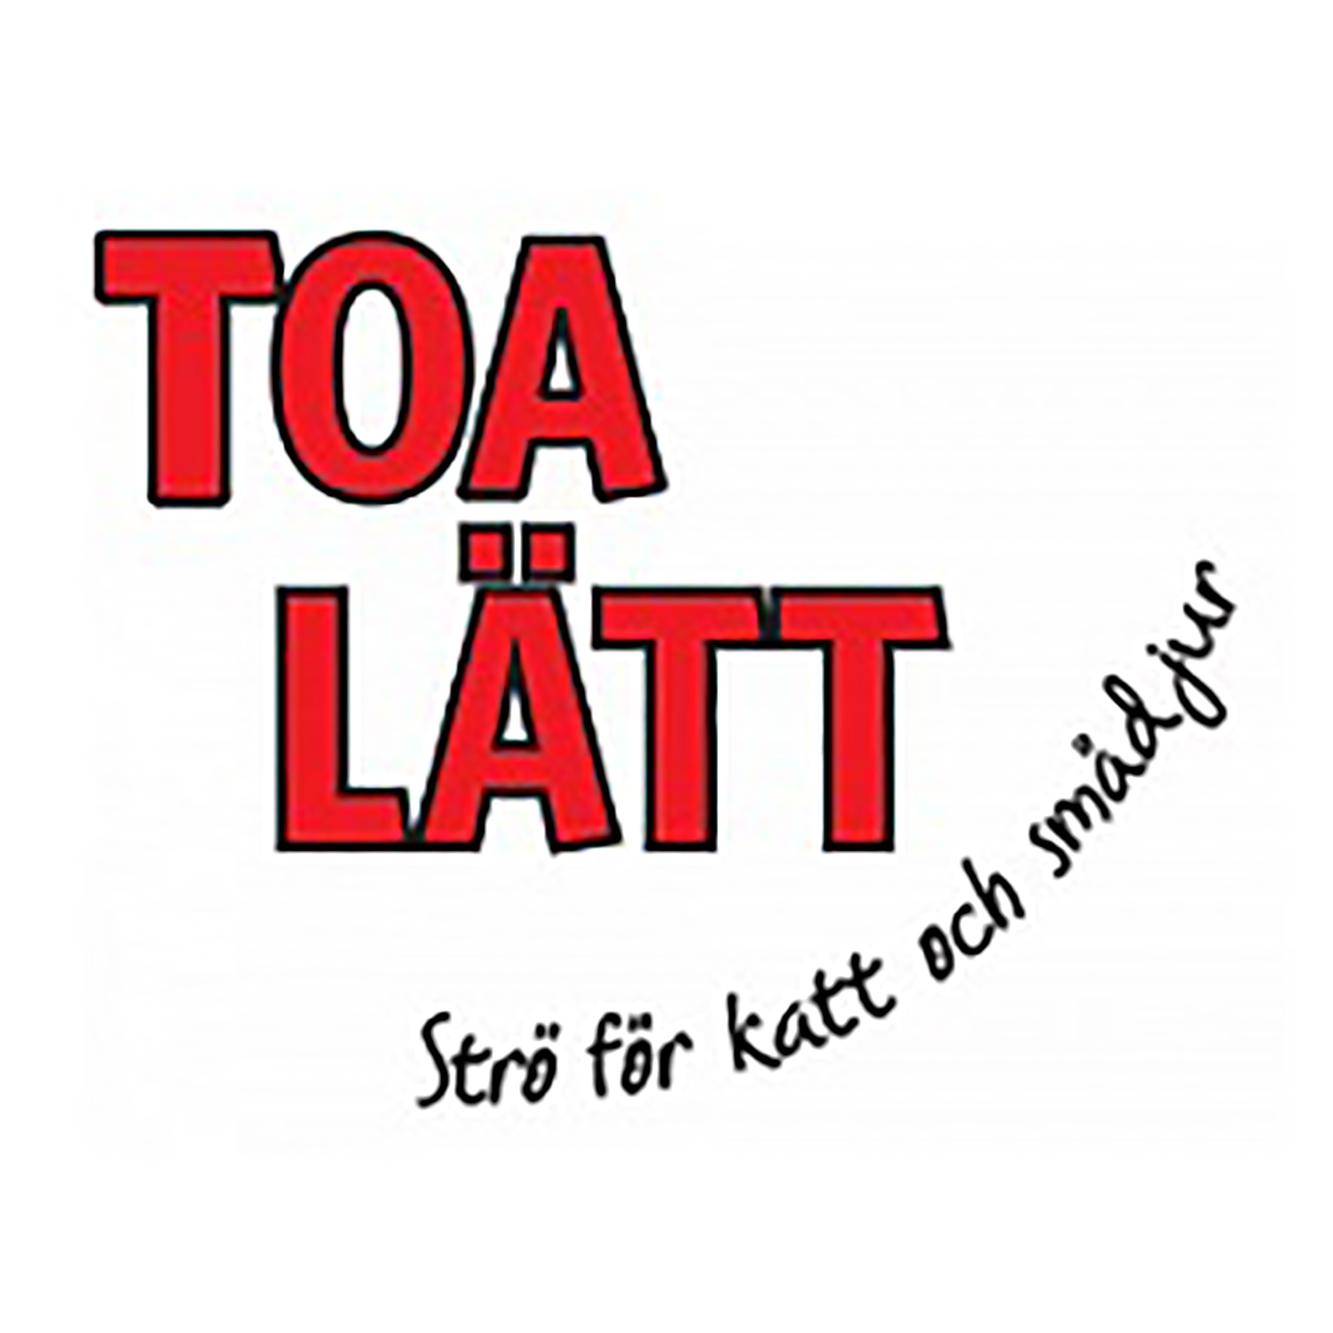 TOA-LÄTT